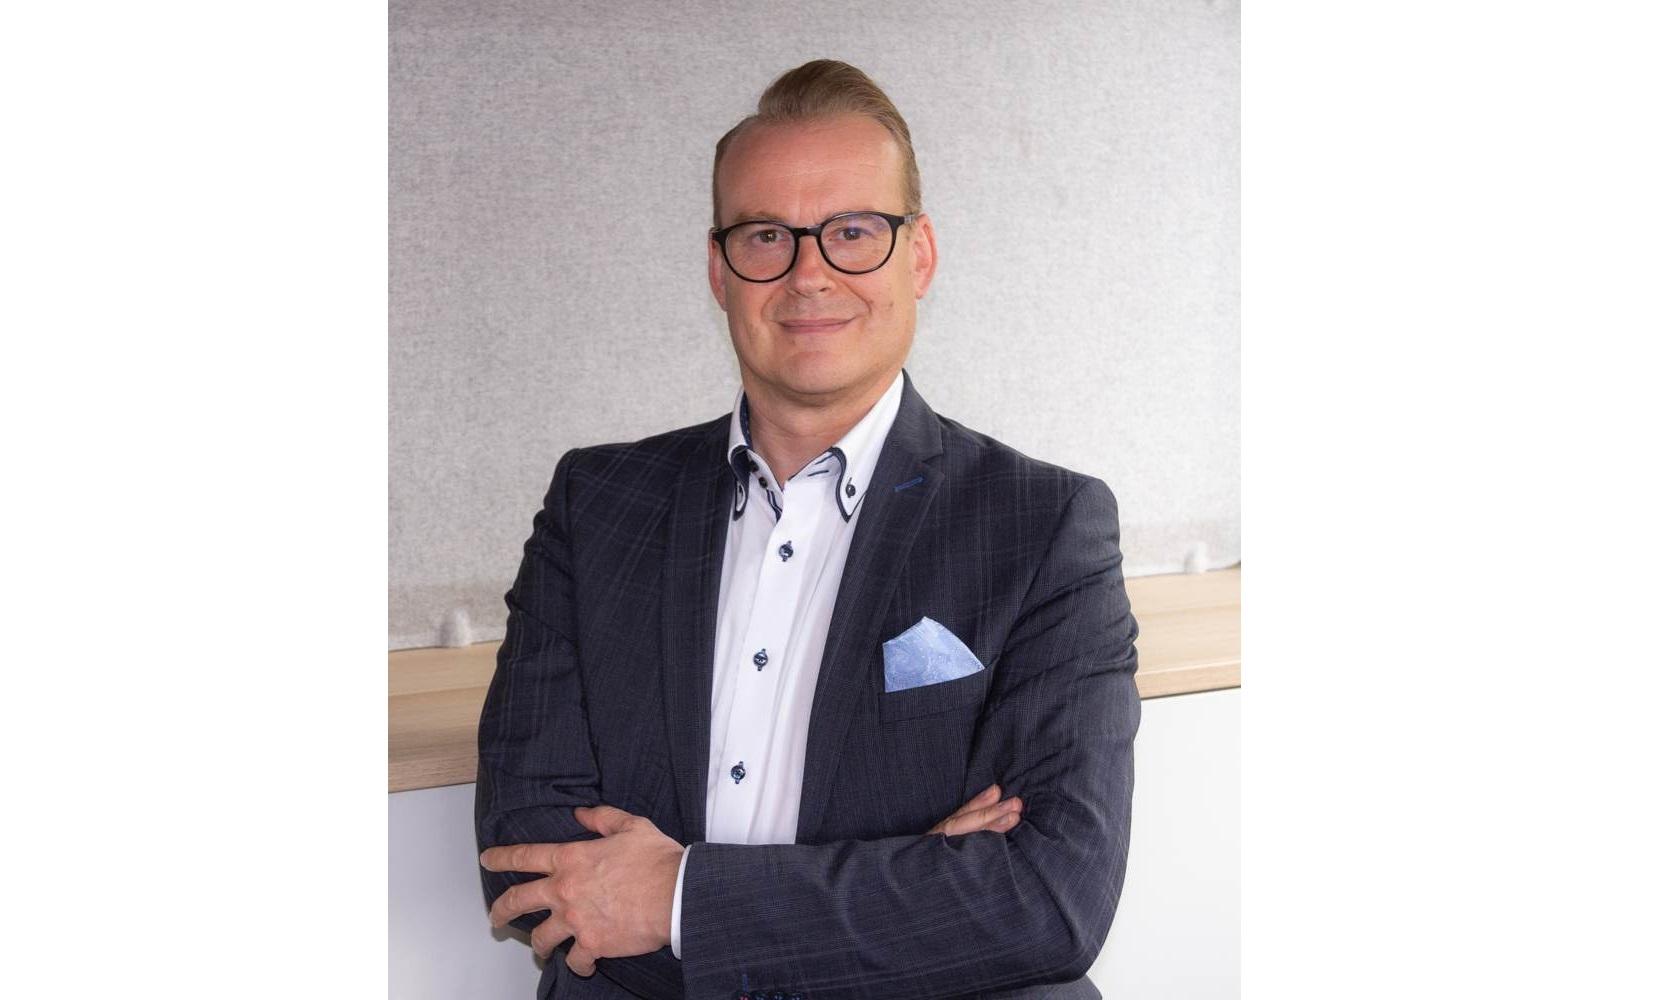 Klaus Schalk ist neuer Kinnarps-Geschäftsführer